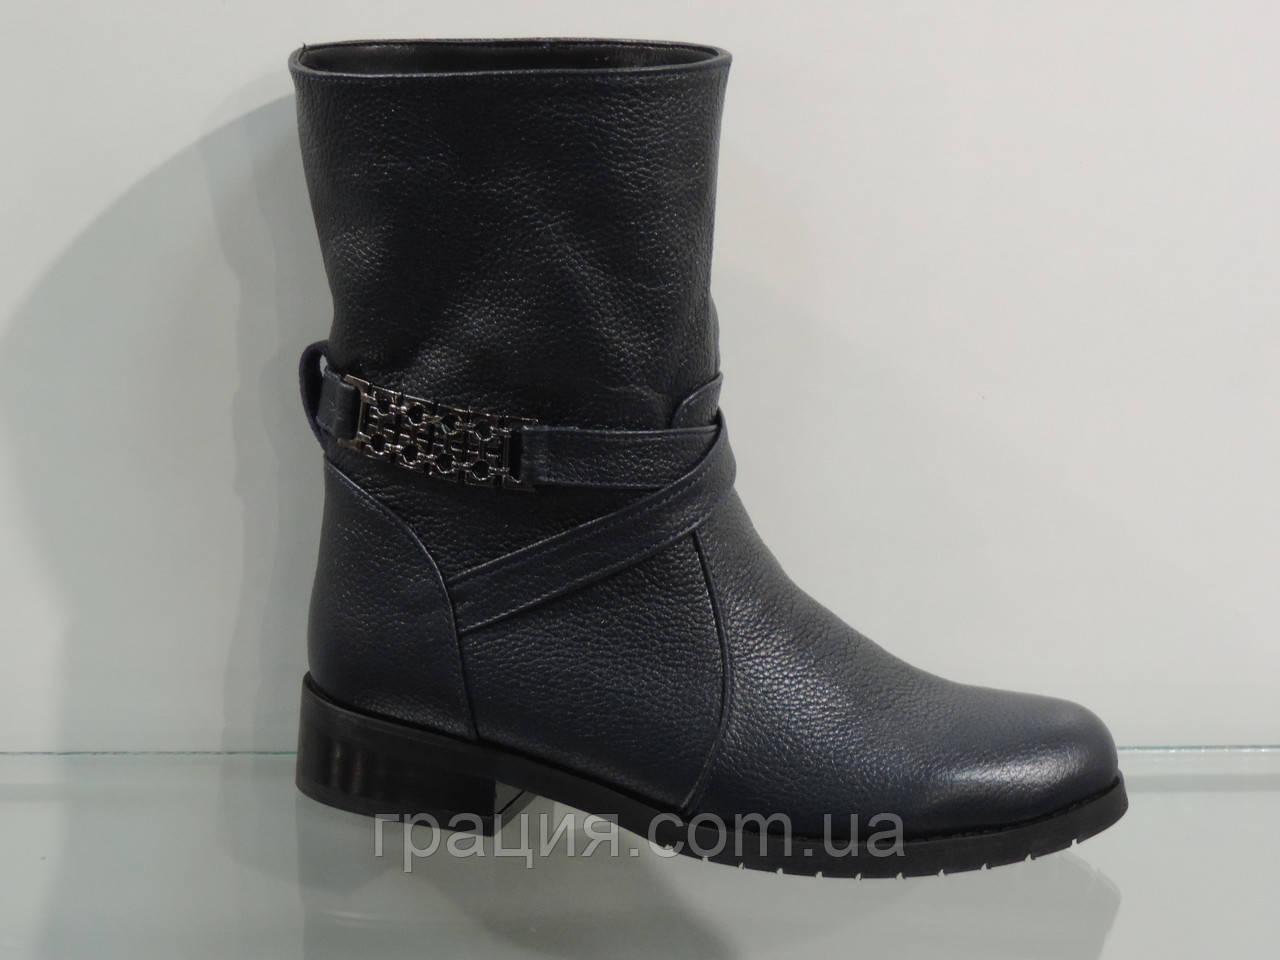 Ботинки молодежные темно-синие кожаные зимние без молнии